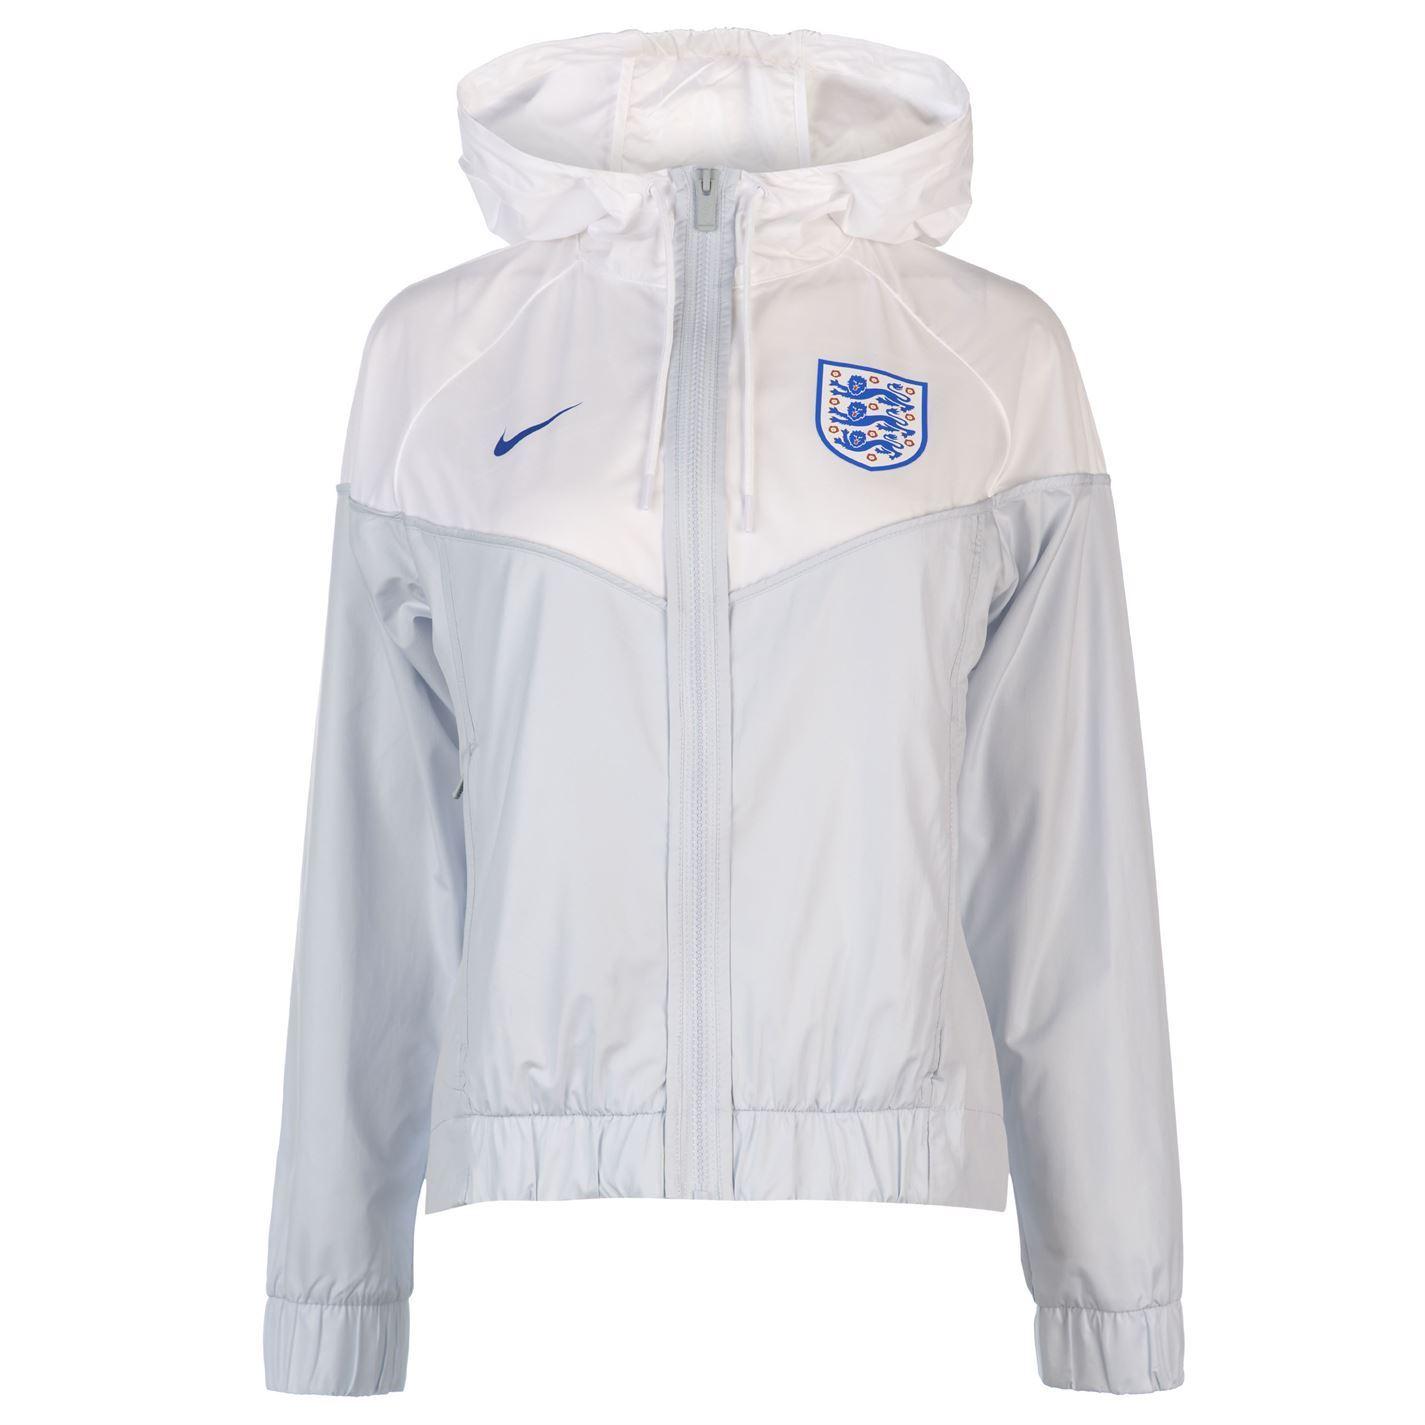 Details zu Nike England Windrunner Jacke Damen GrauWeiß Fußball Trainingsanzug Oberteil